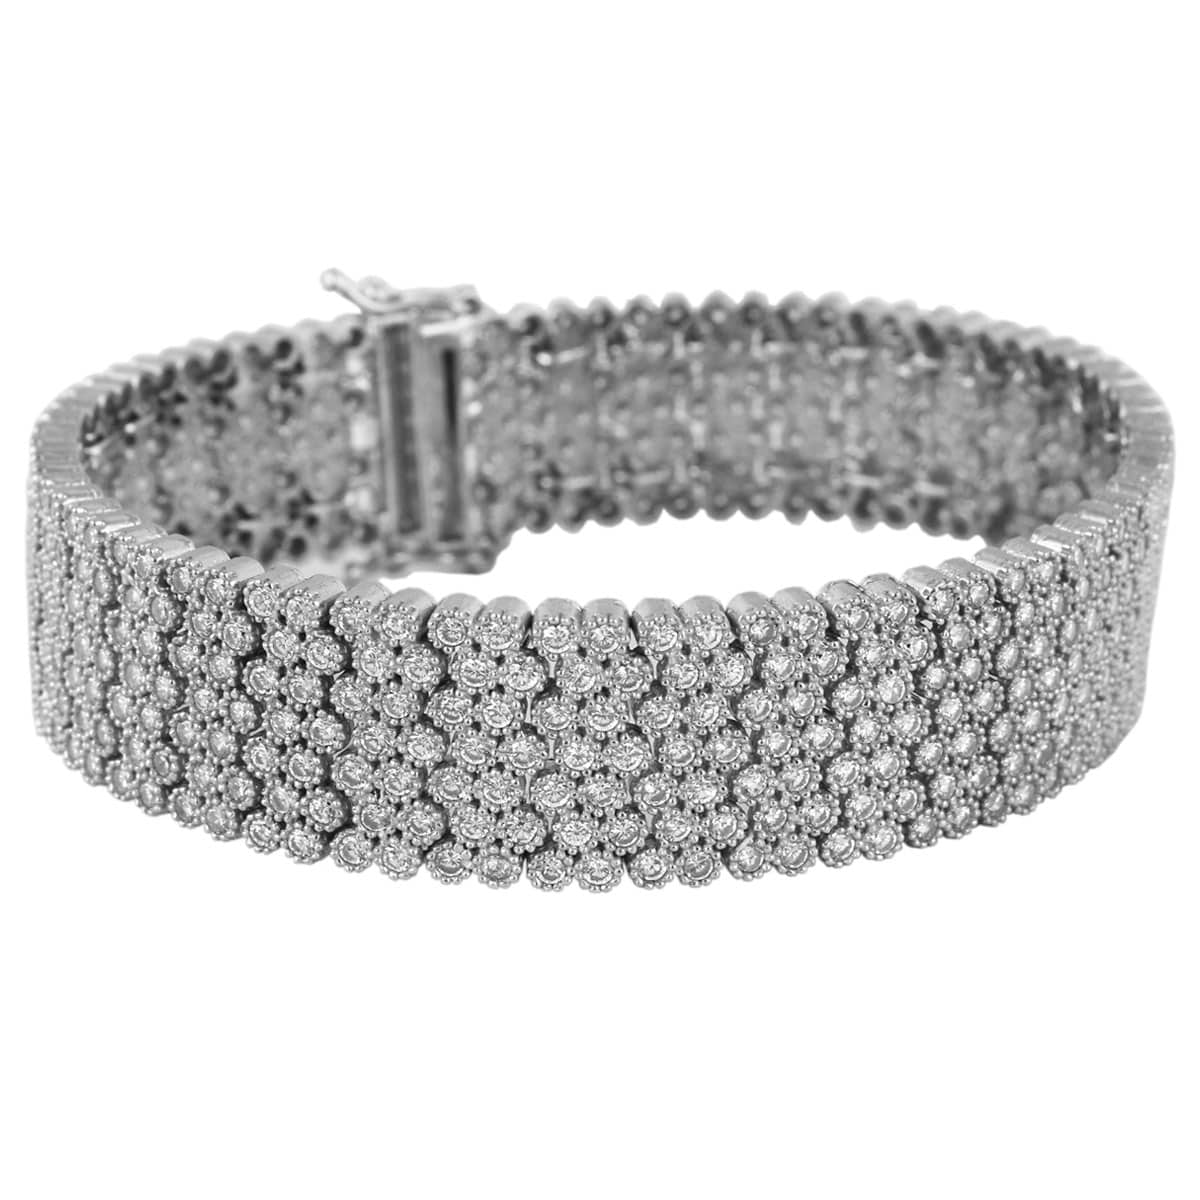 دستبند نگین دار نقره زنانه مد و کلاس مدل Jewelry کد ۱۸۰۲۵۷